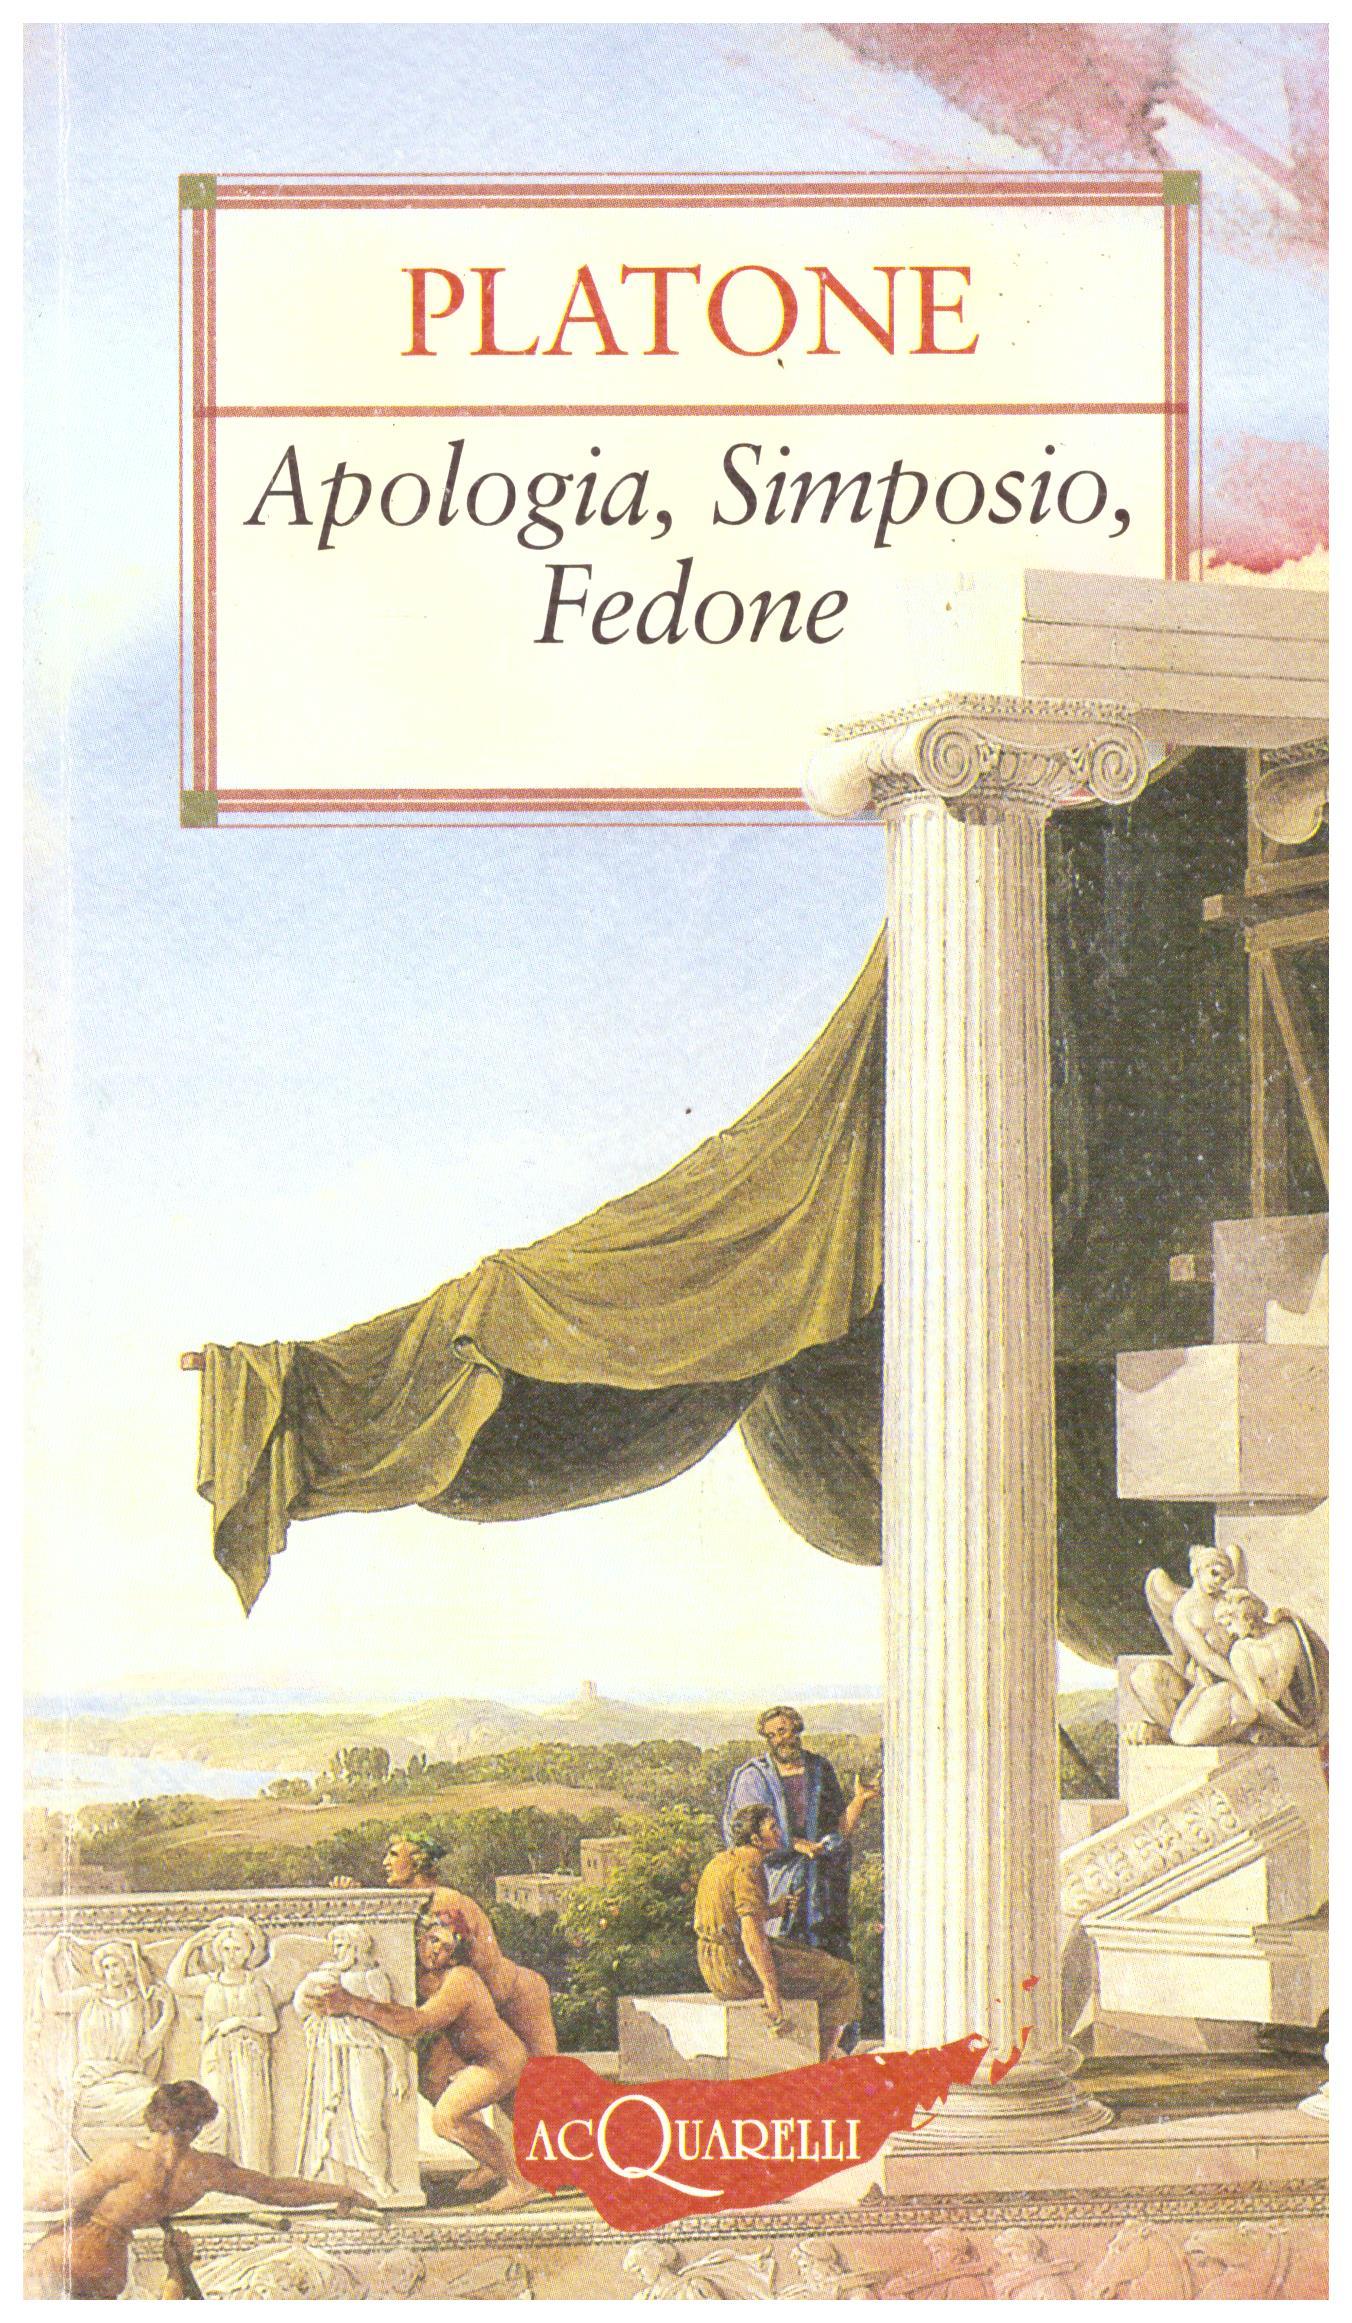 Titolo: Apologia, Simposio, Fedone    Autore: Platone    Editore: Demetra acQuarelli